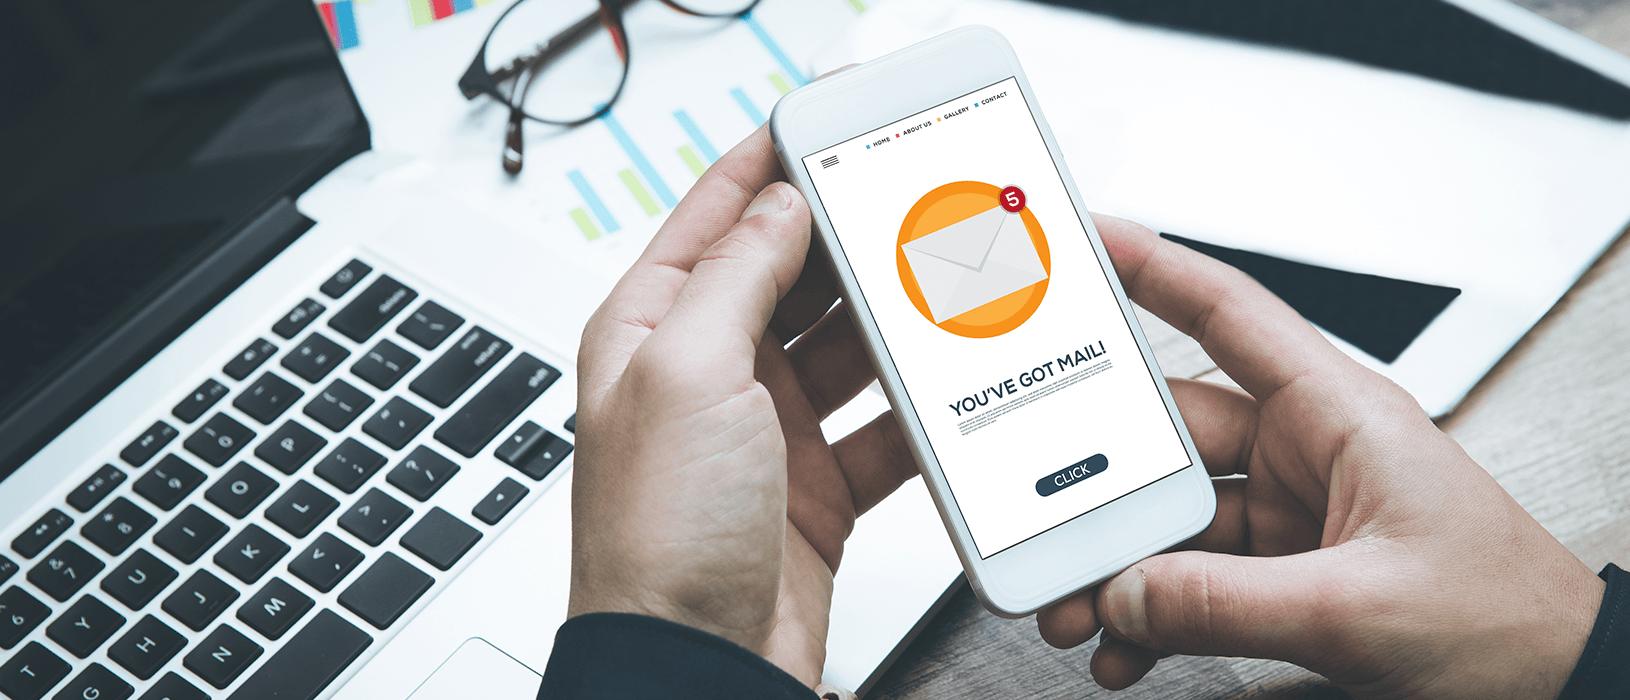 Das private und berufliche E-Mail-Postfach ist ein ständiger Begleiter. Daher ist E-Mail-Marketing ein wichtiger Kommunikationskanal für Unternehmen. Bild: iStock